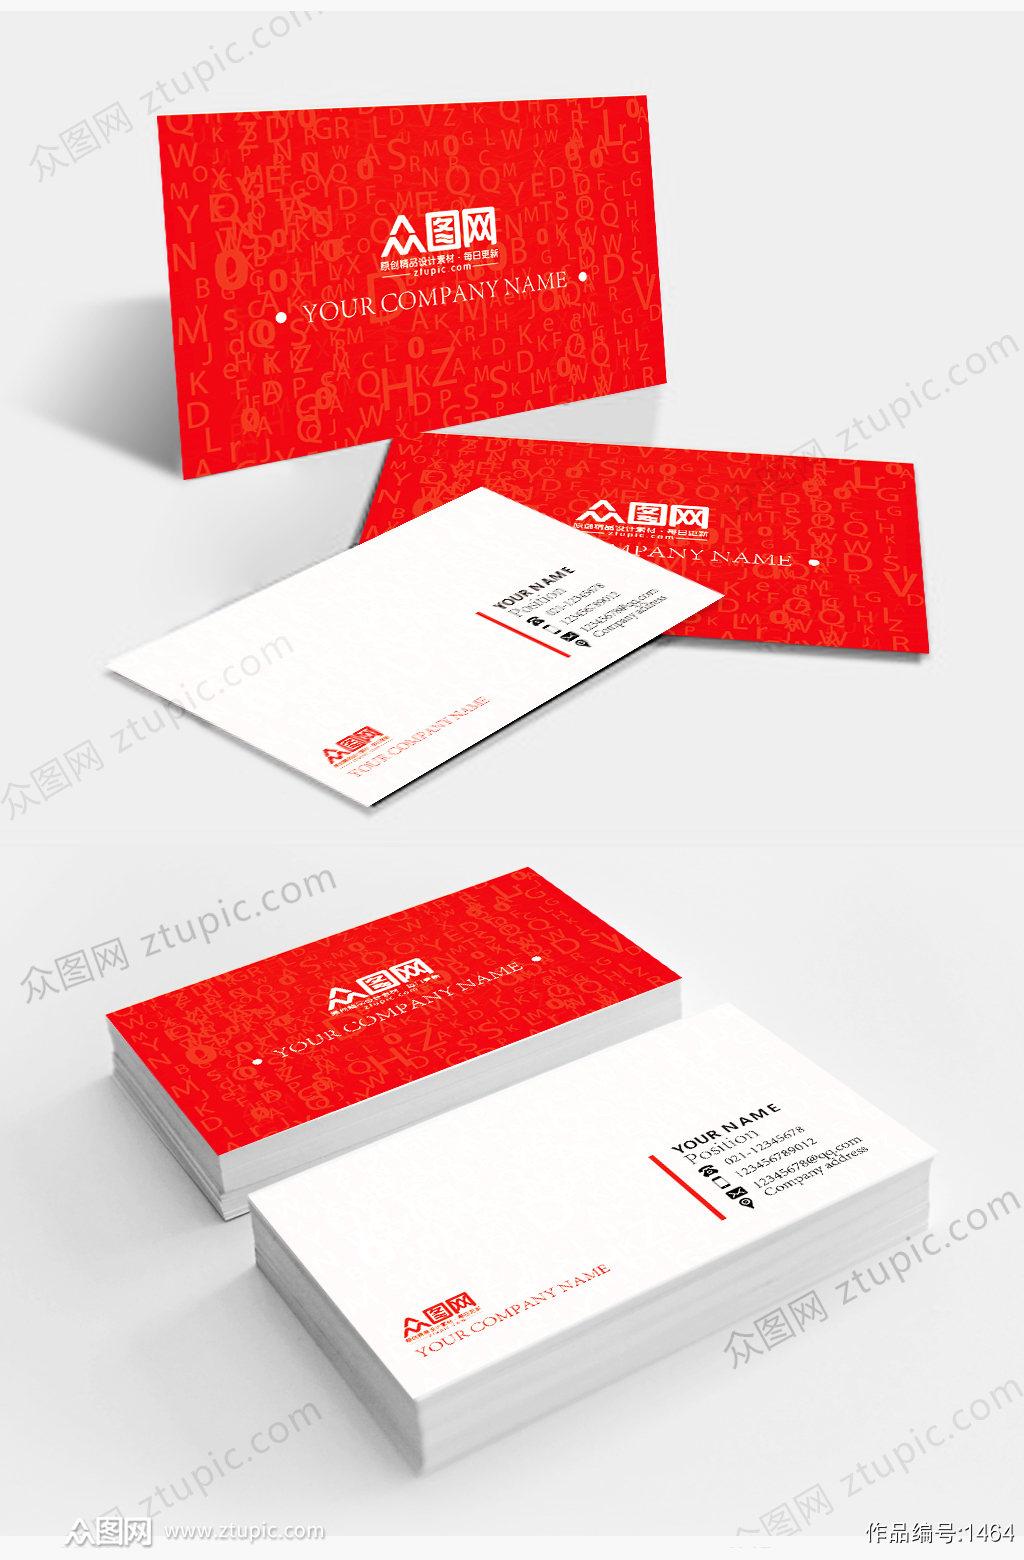 简洁红色商务名片设计模板 名片背面素材